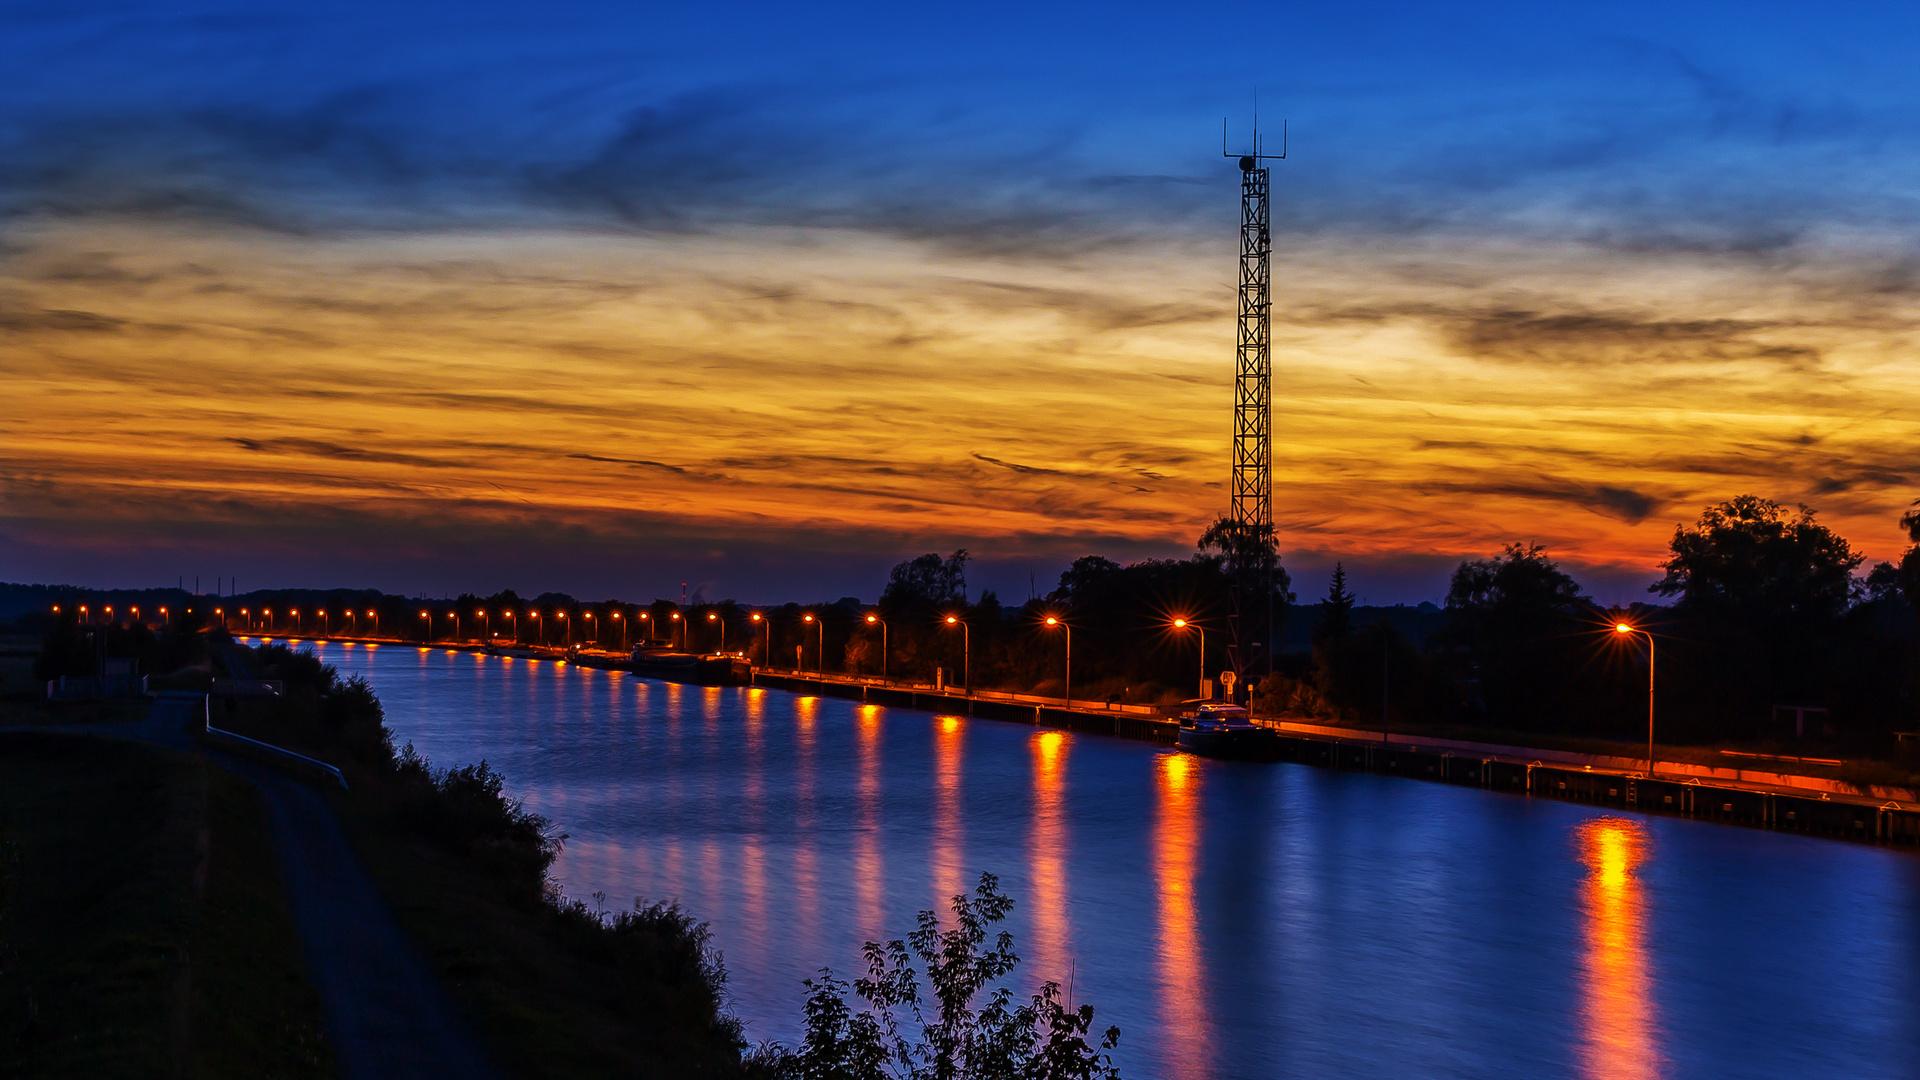 Spätsommer am Mittellandkanal